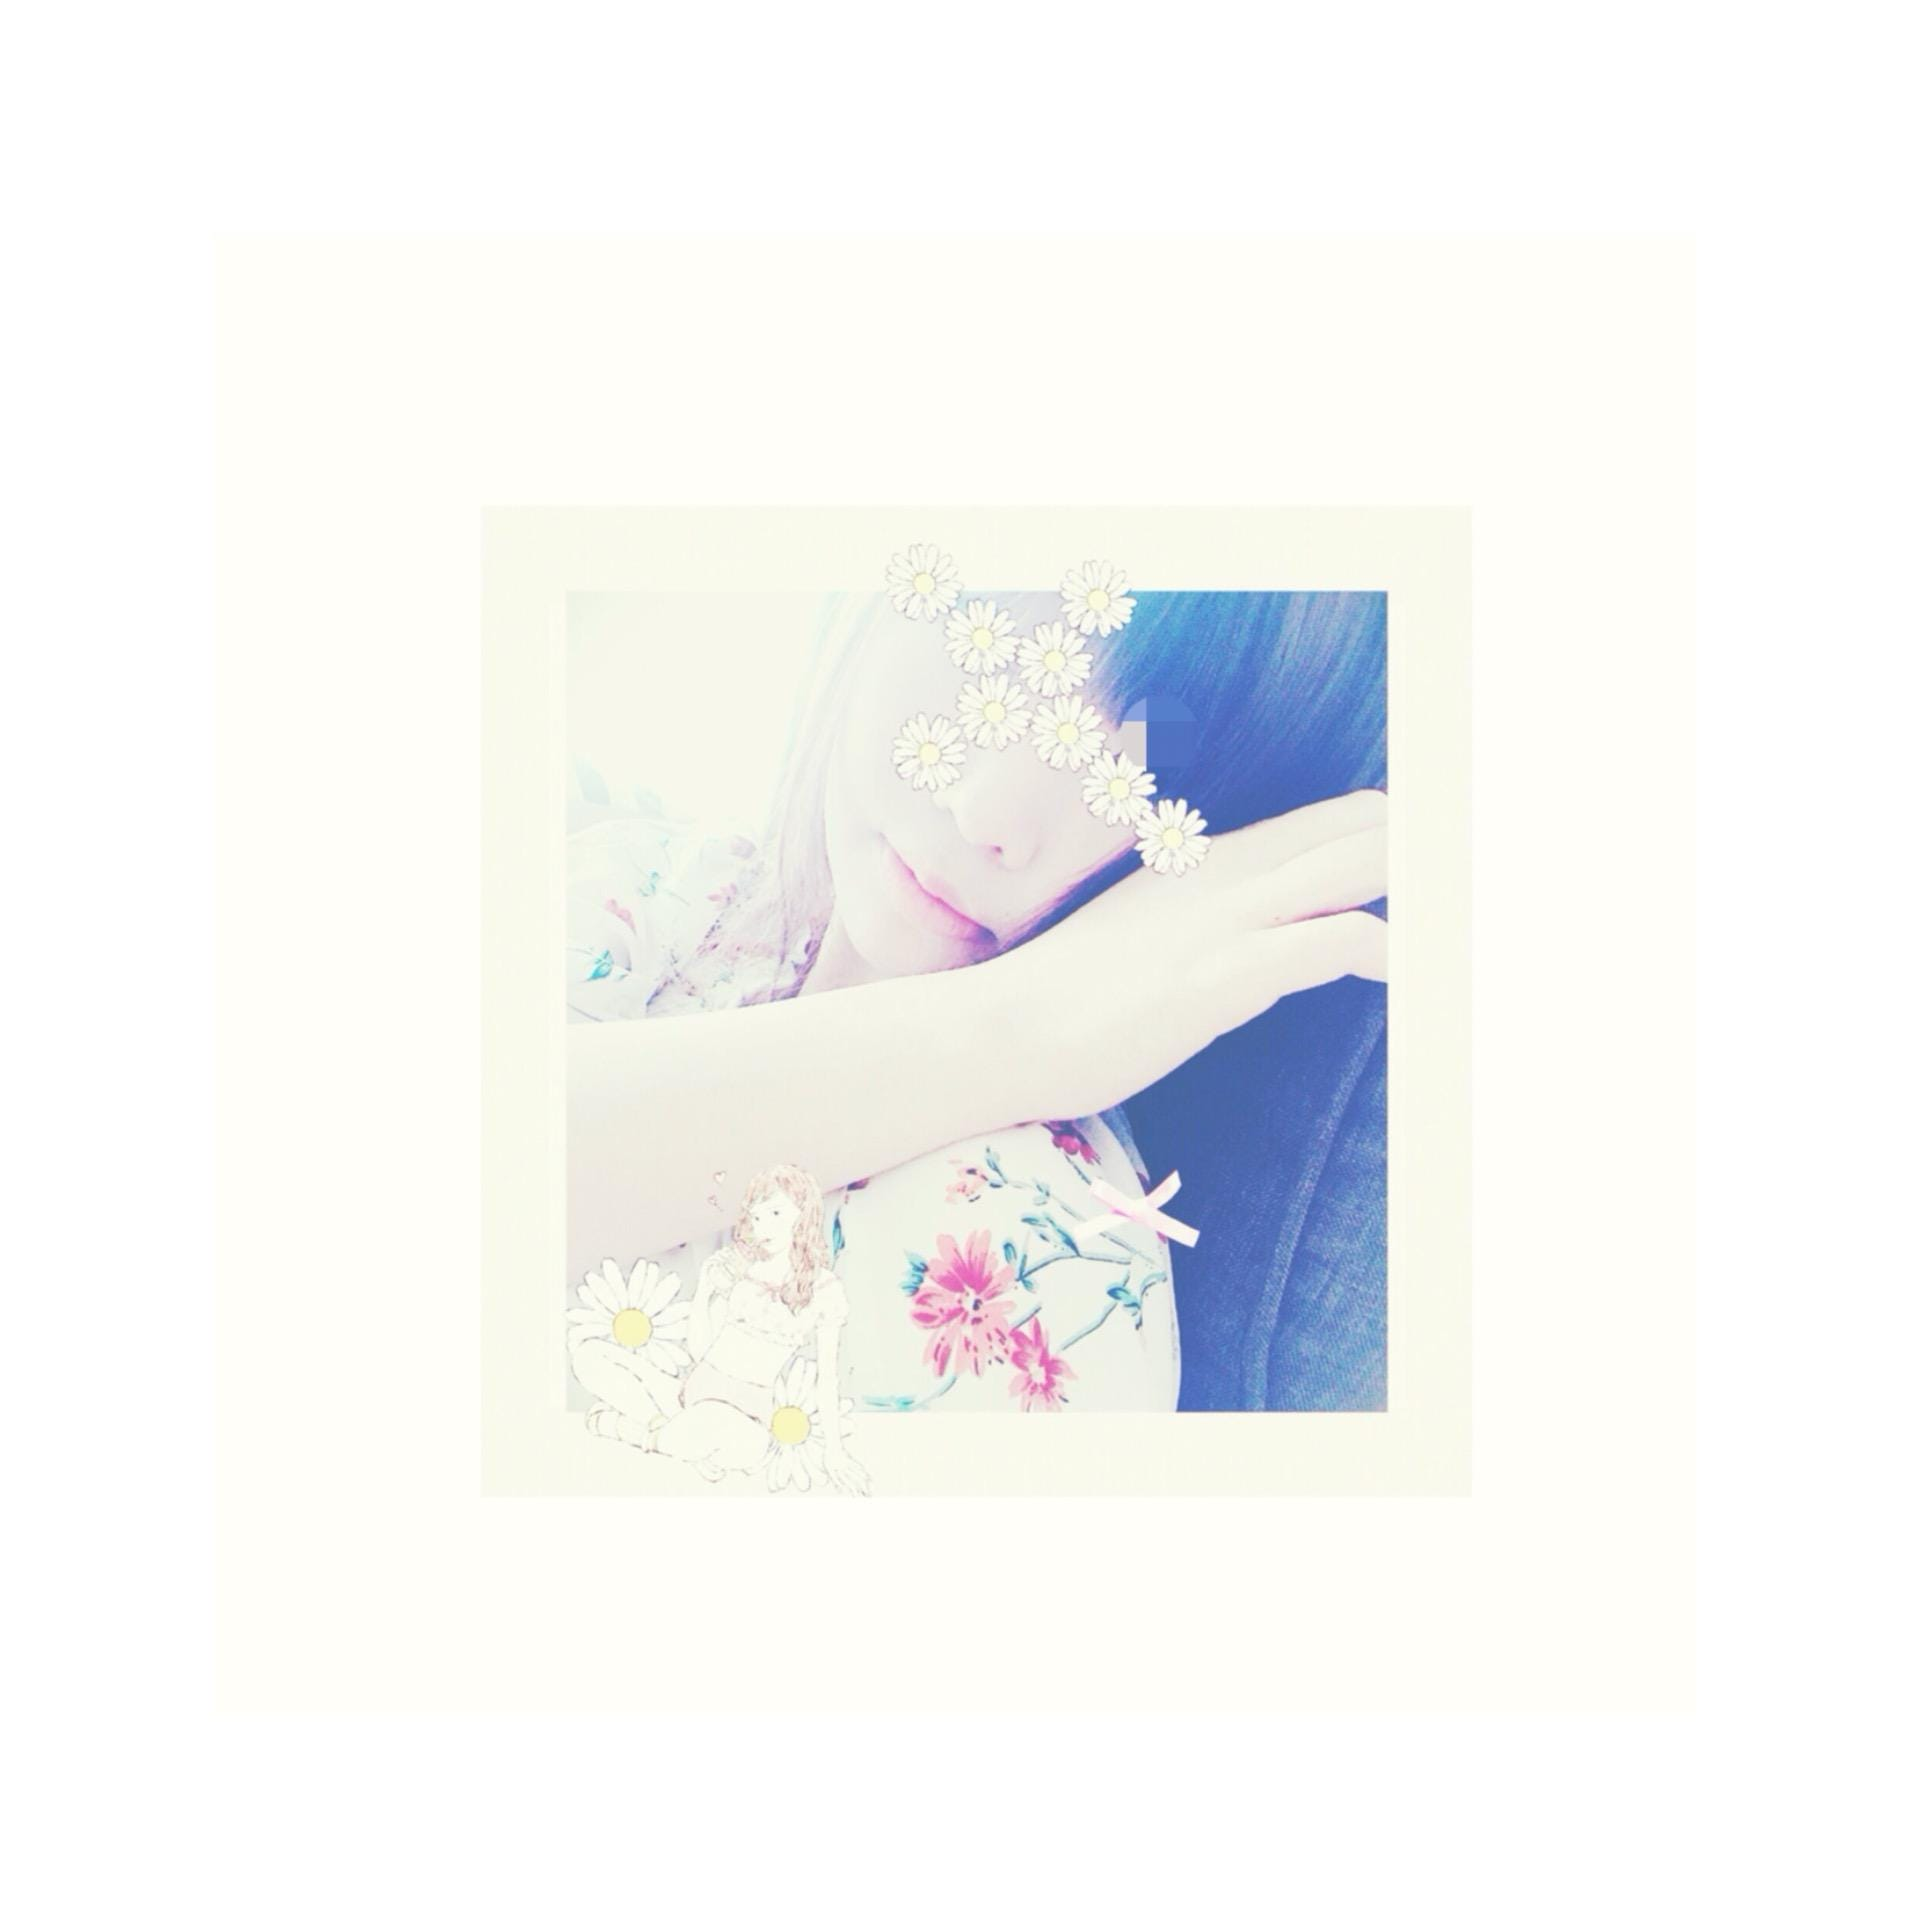 ちい「Re:レシピ(*´  `*)」09/18(火) 01:16 | ちいの写メ・風俗動画